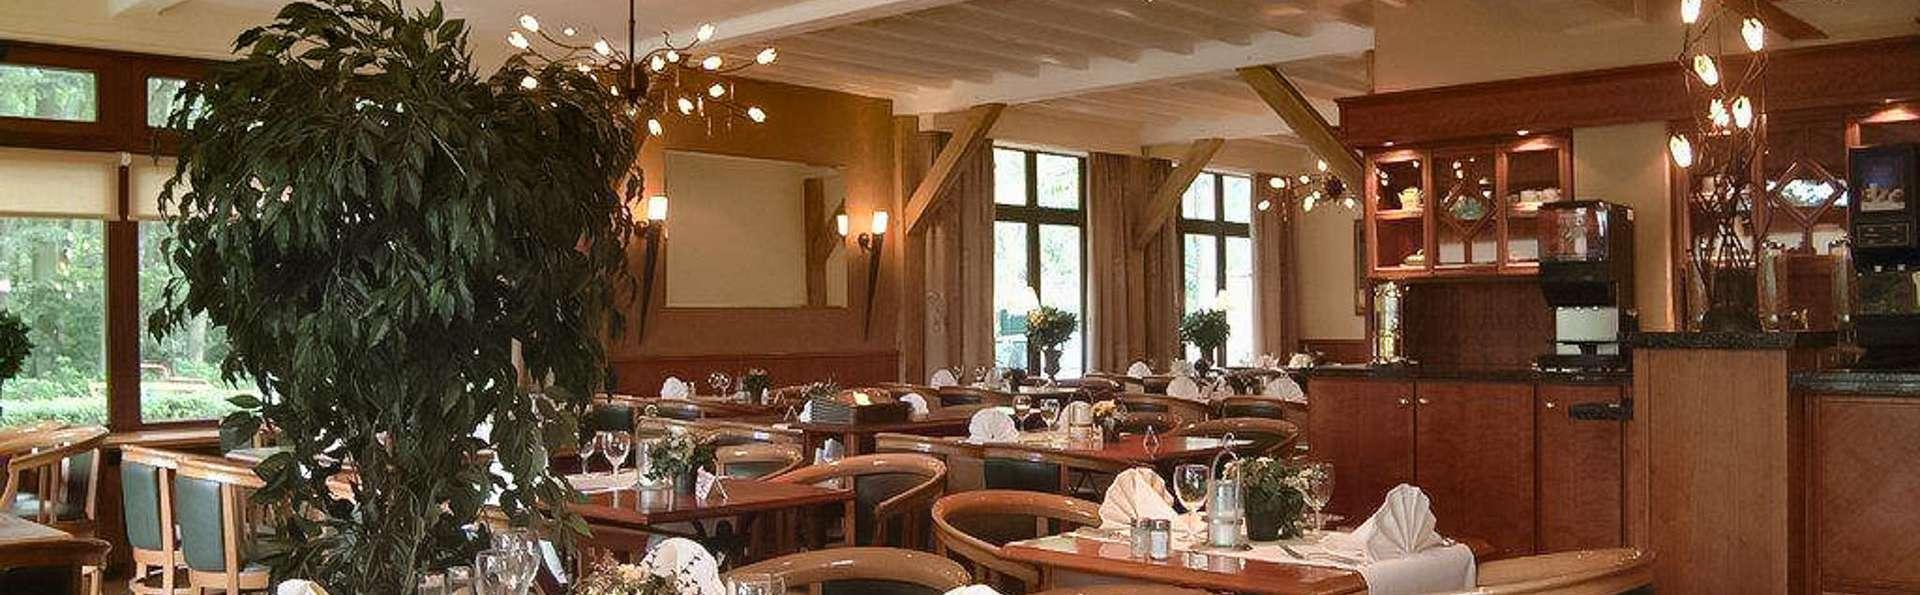 Van der Valk Hotel Dennenhof - EDIT_RESTAURANT_01.jpg